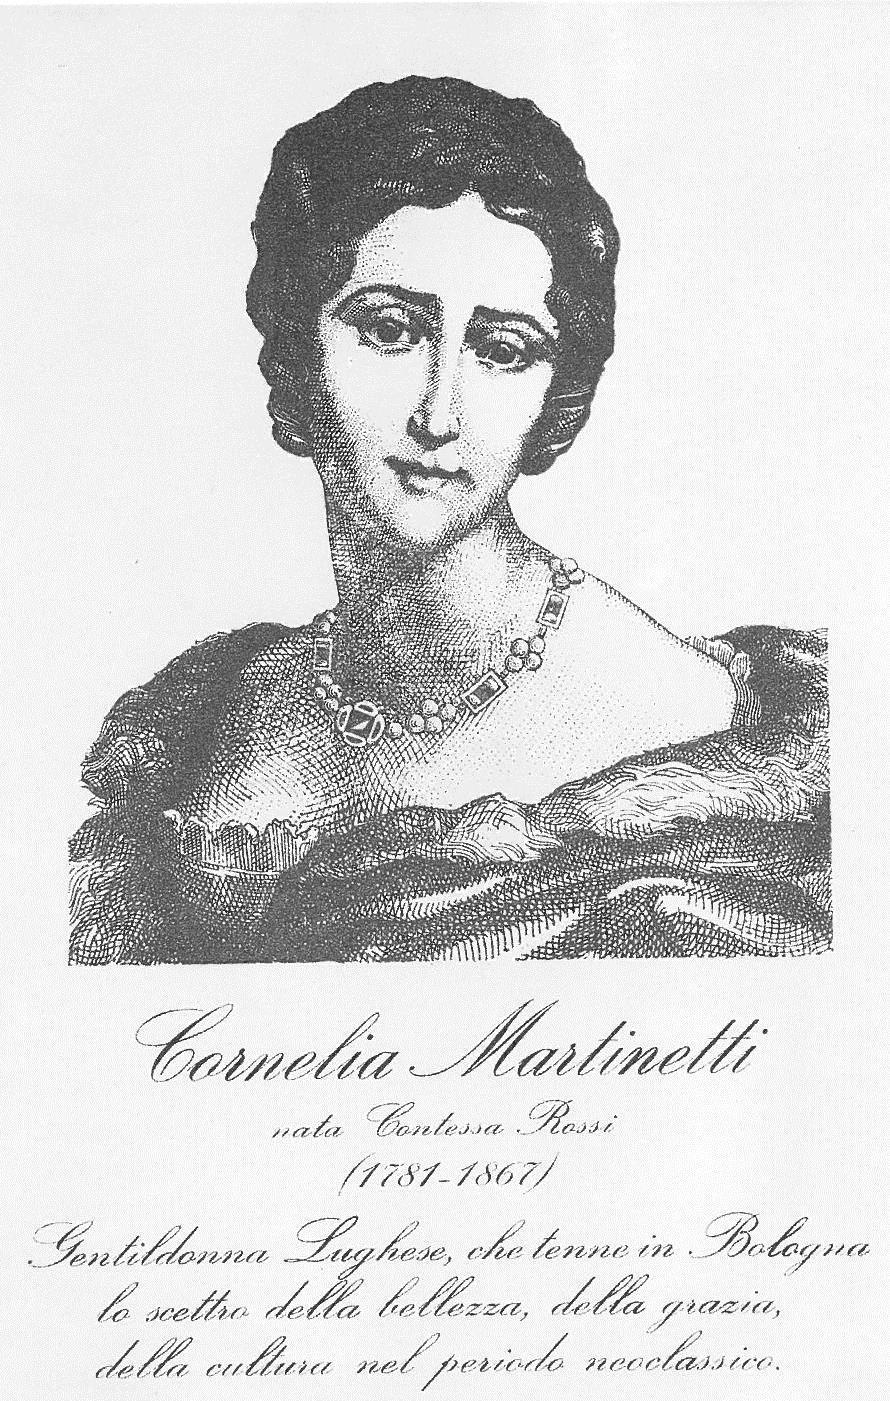 Cornelia Rossi Martinetti